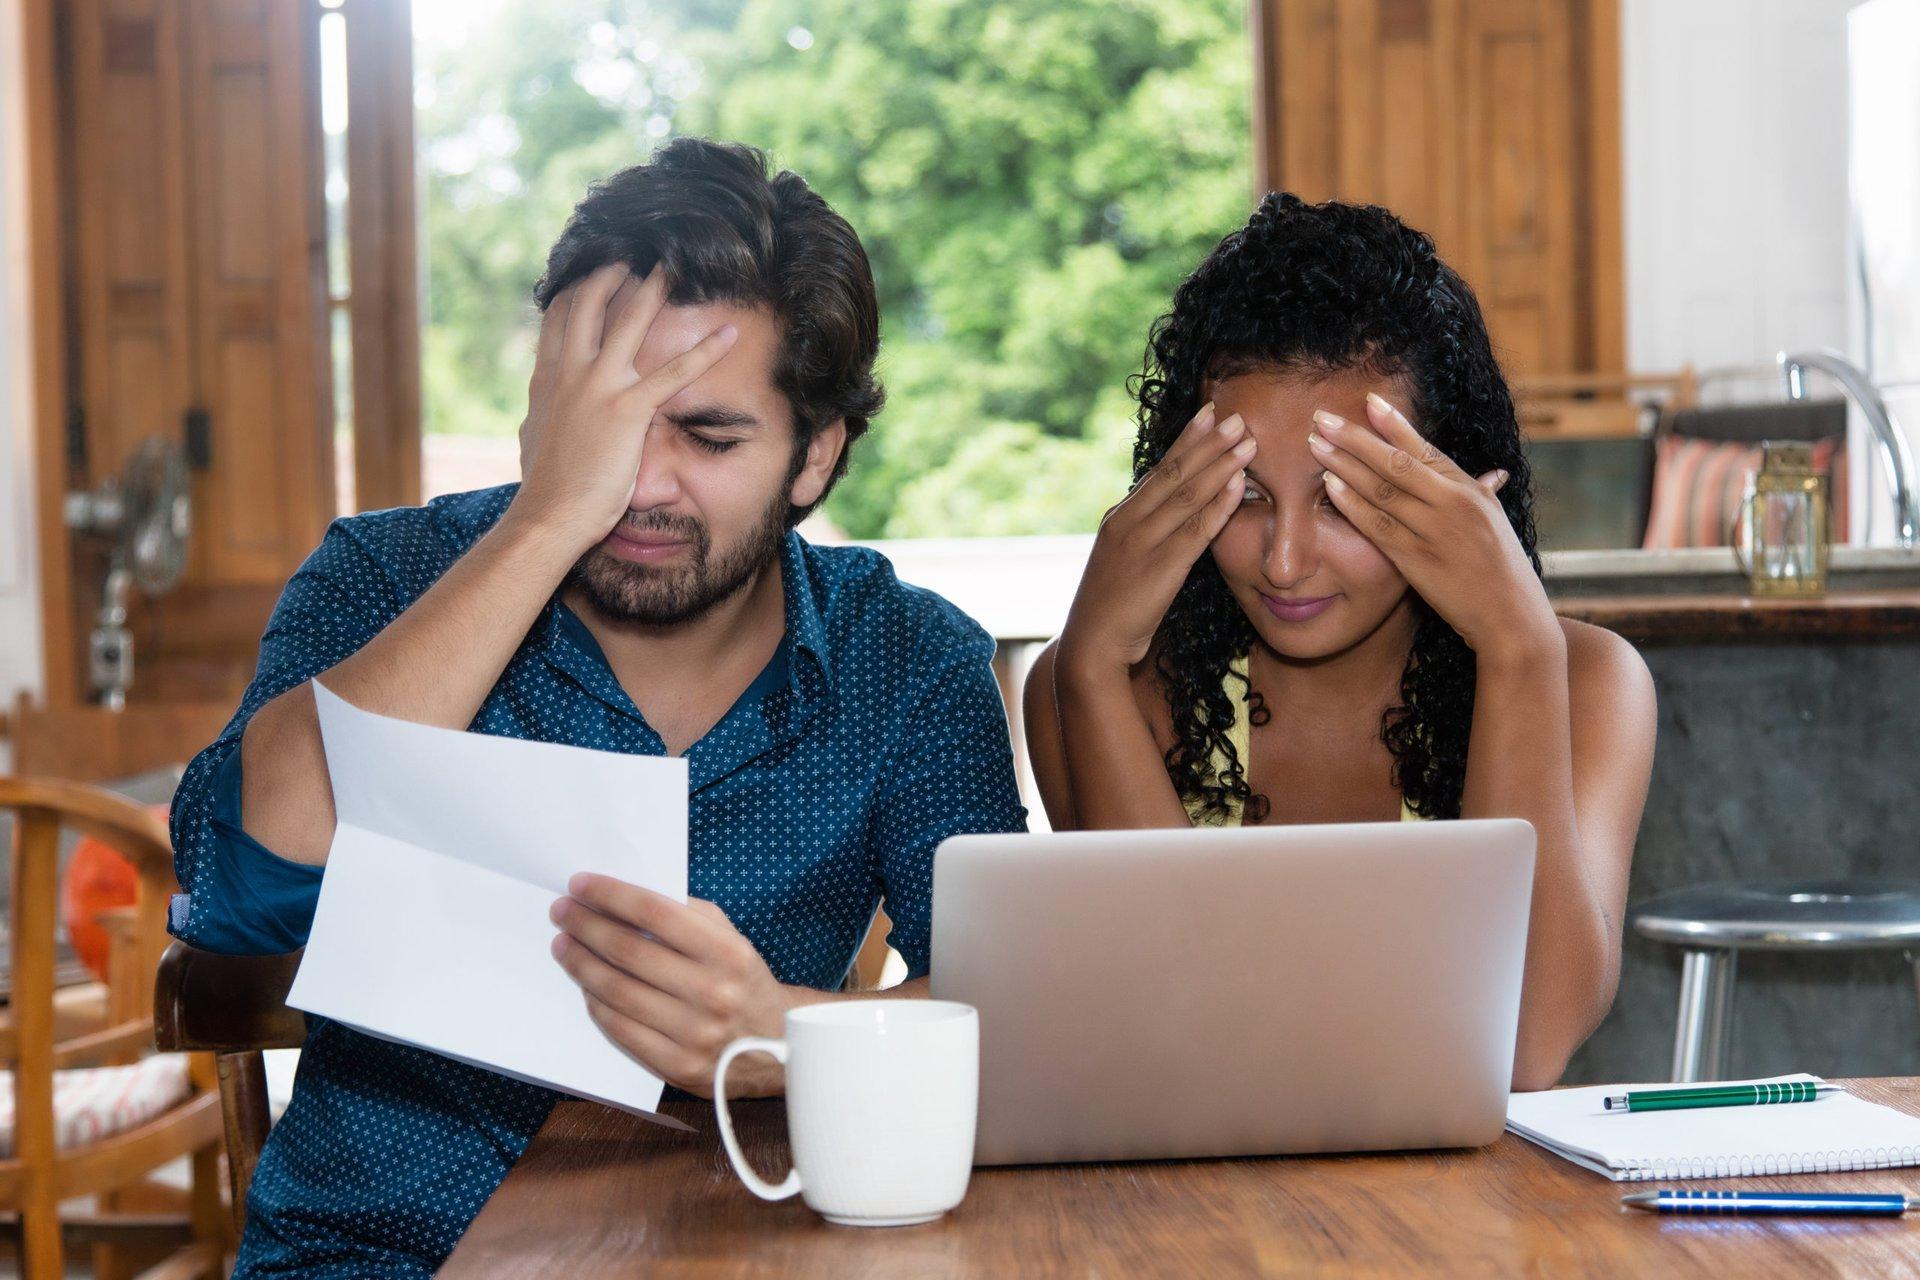 Unhappy borrowers